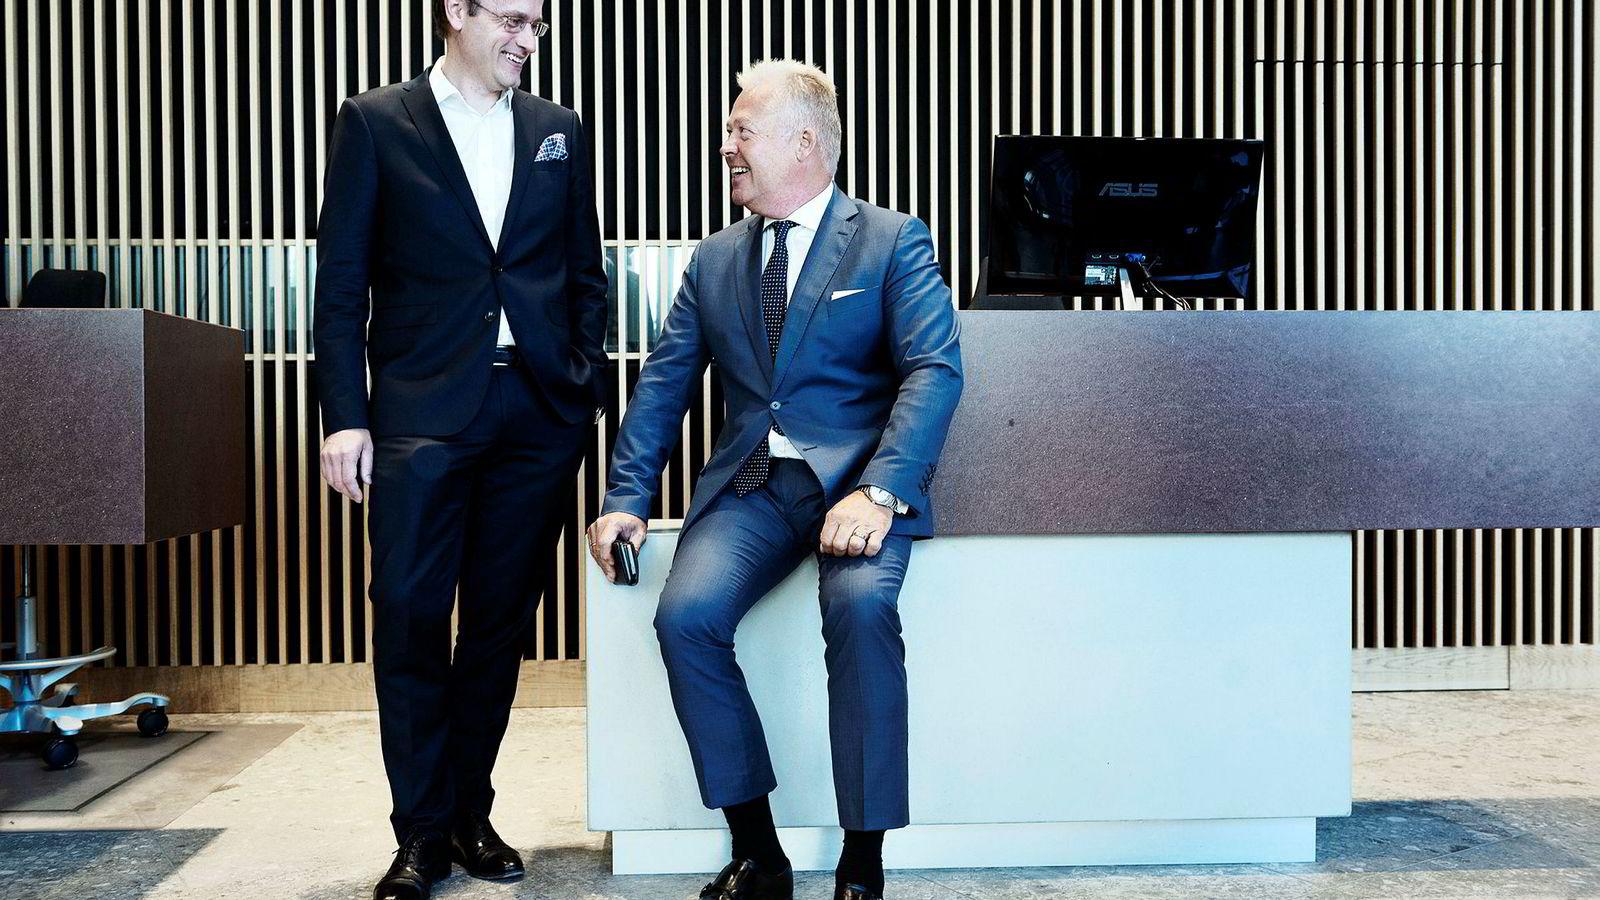 Gjensidige-sjef Helge Leiro Baastad (til høyre) besøkte Nordeas lokaler på Majorstuen i Oslo mandag. Han selger banken til Nordea, og avviser at det noen gang var et mål om å vokse gjennom oppkjøp. Til venstre: Nordeas norgessjef Snorre Storset.